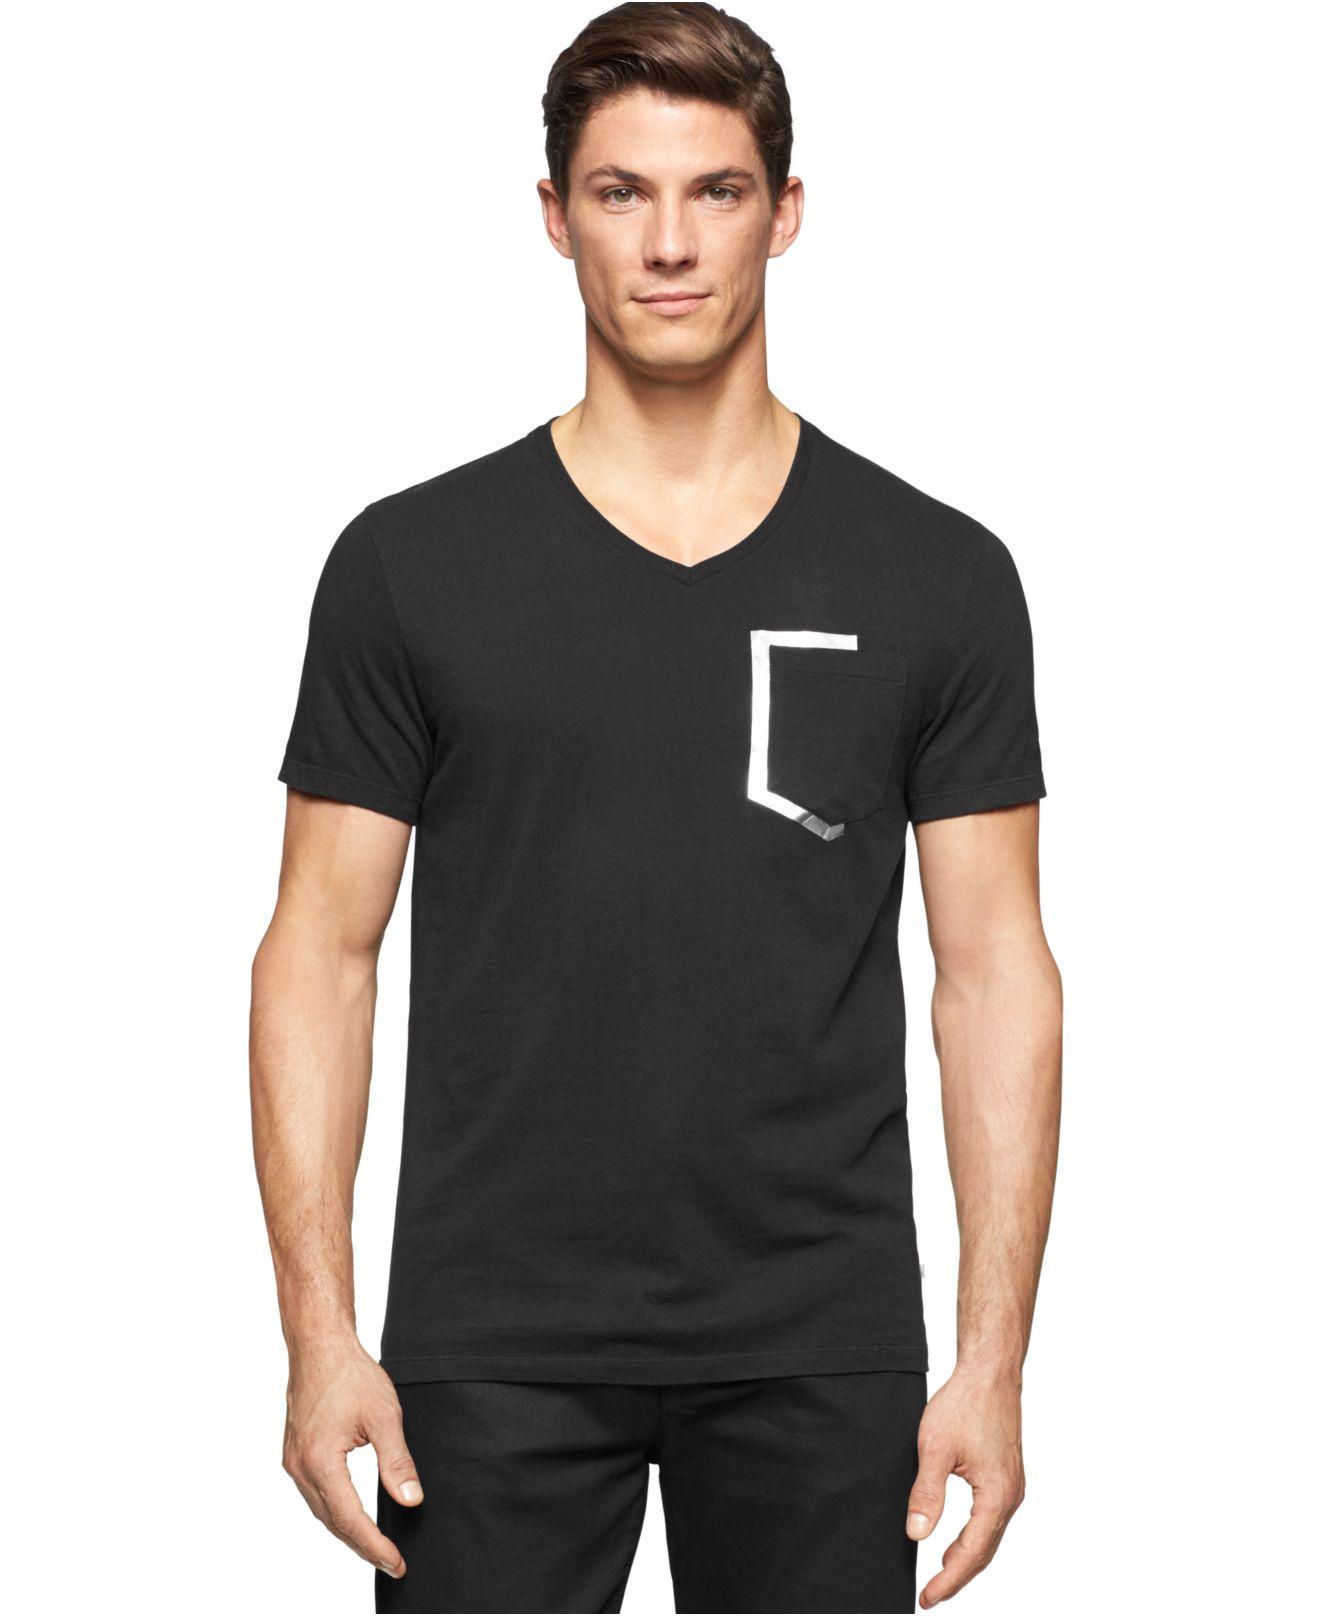 lyst calvin klein foil print t shirt in black for men. Black Bedroom Furniture Sets. Home Design Ideas